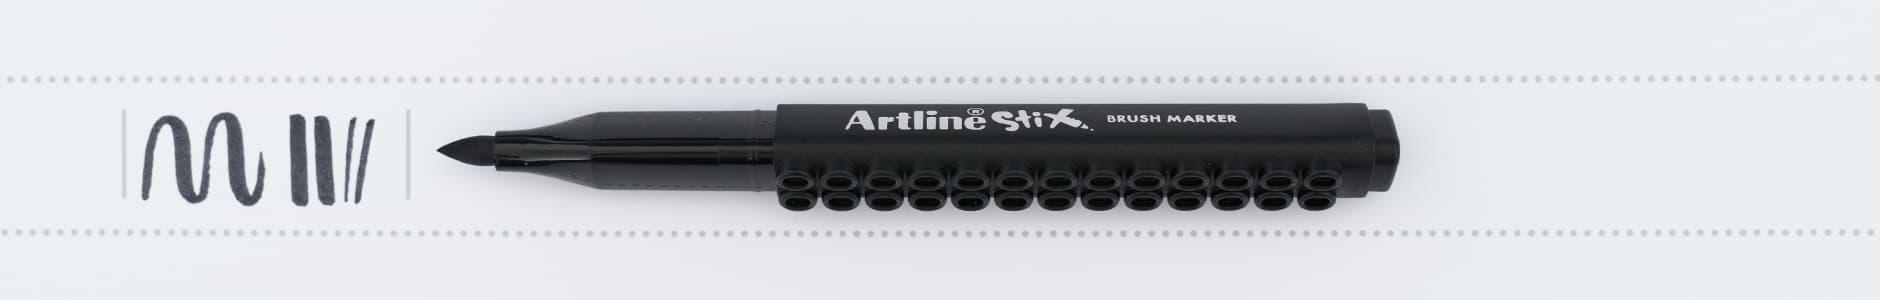 Artline Stix schwarz